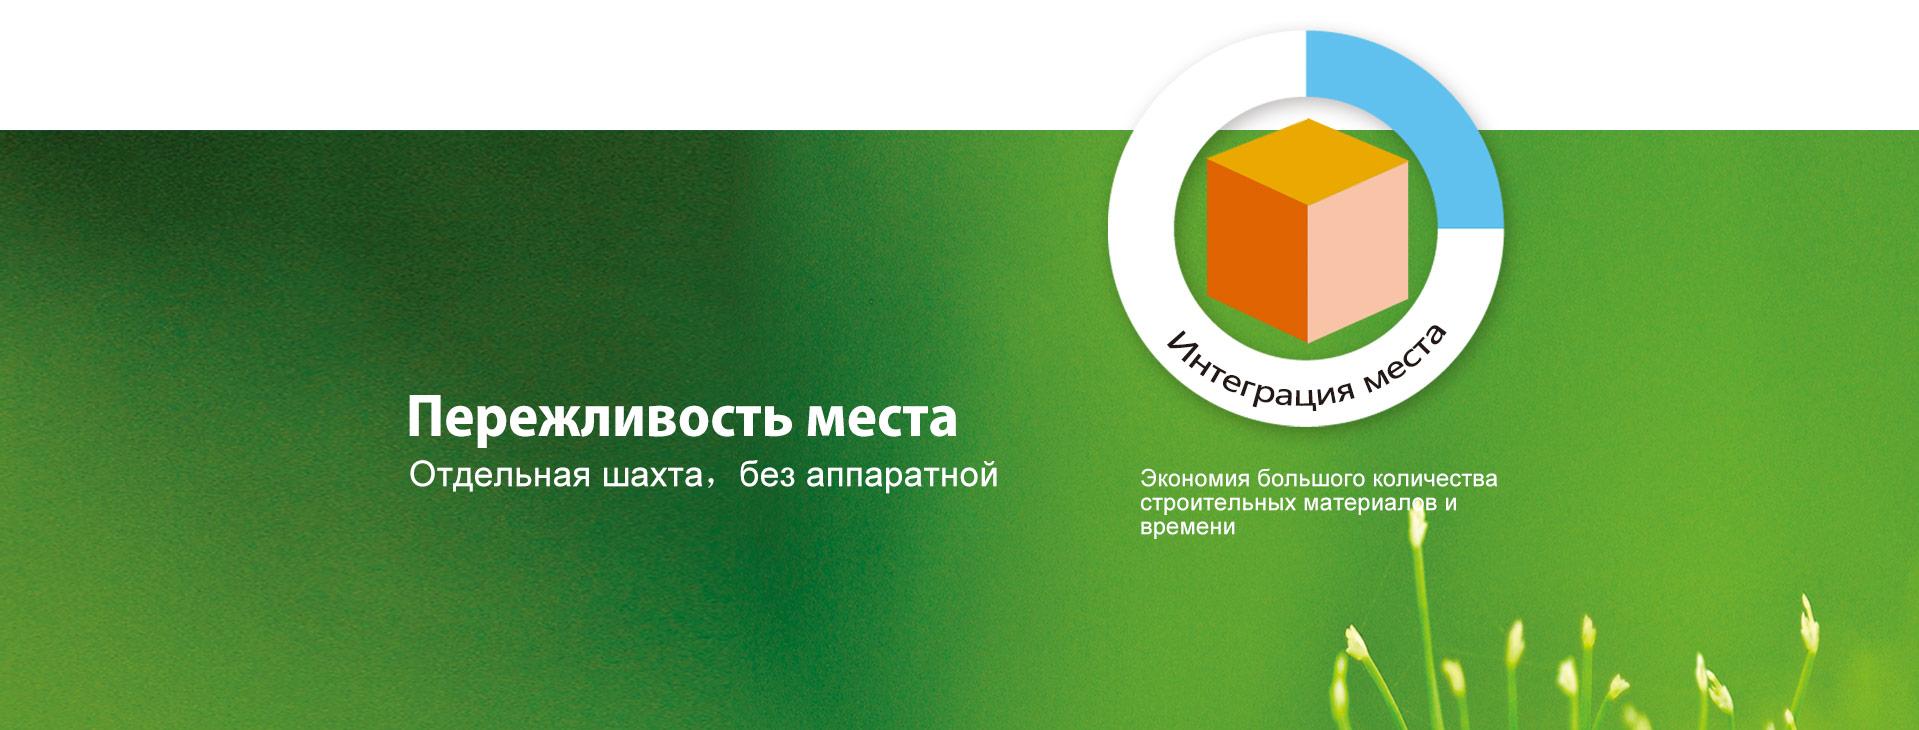 ckdt-ru_28